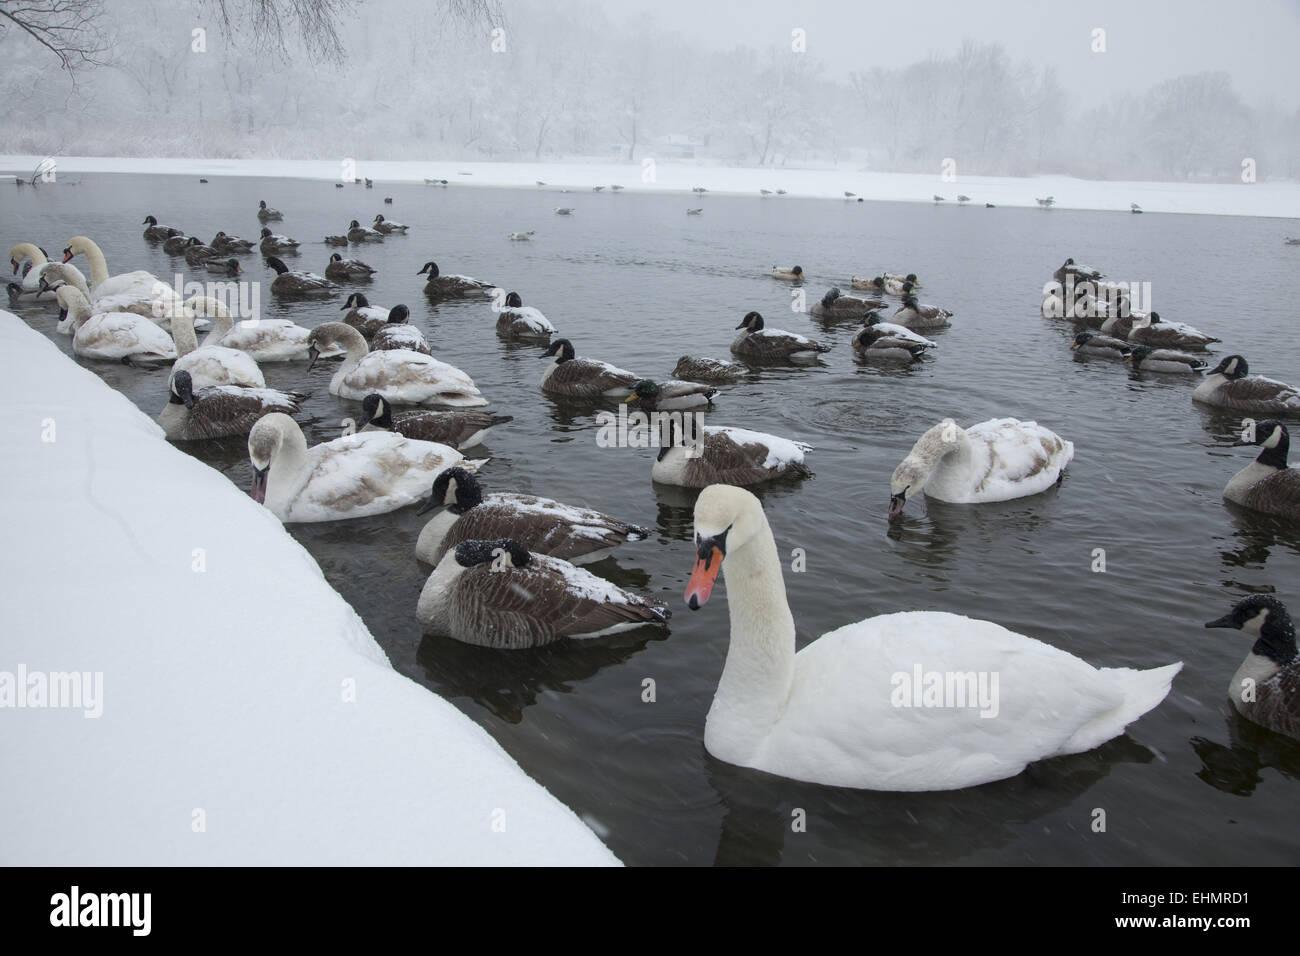 Las aves acuáticas se reúnen a lo largo del borde del lago congelado parcialmente en Prospect Park, esperando Imagen De Stock